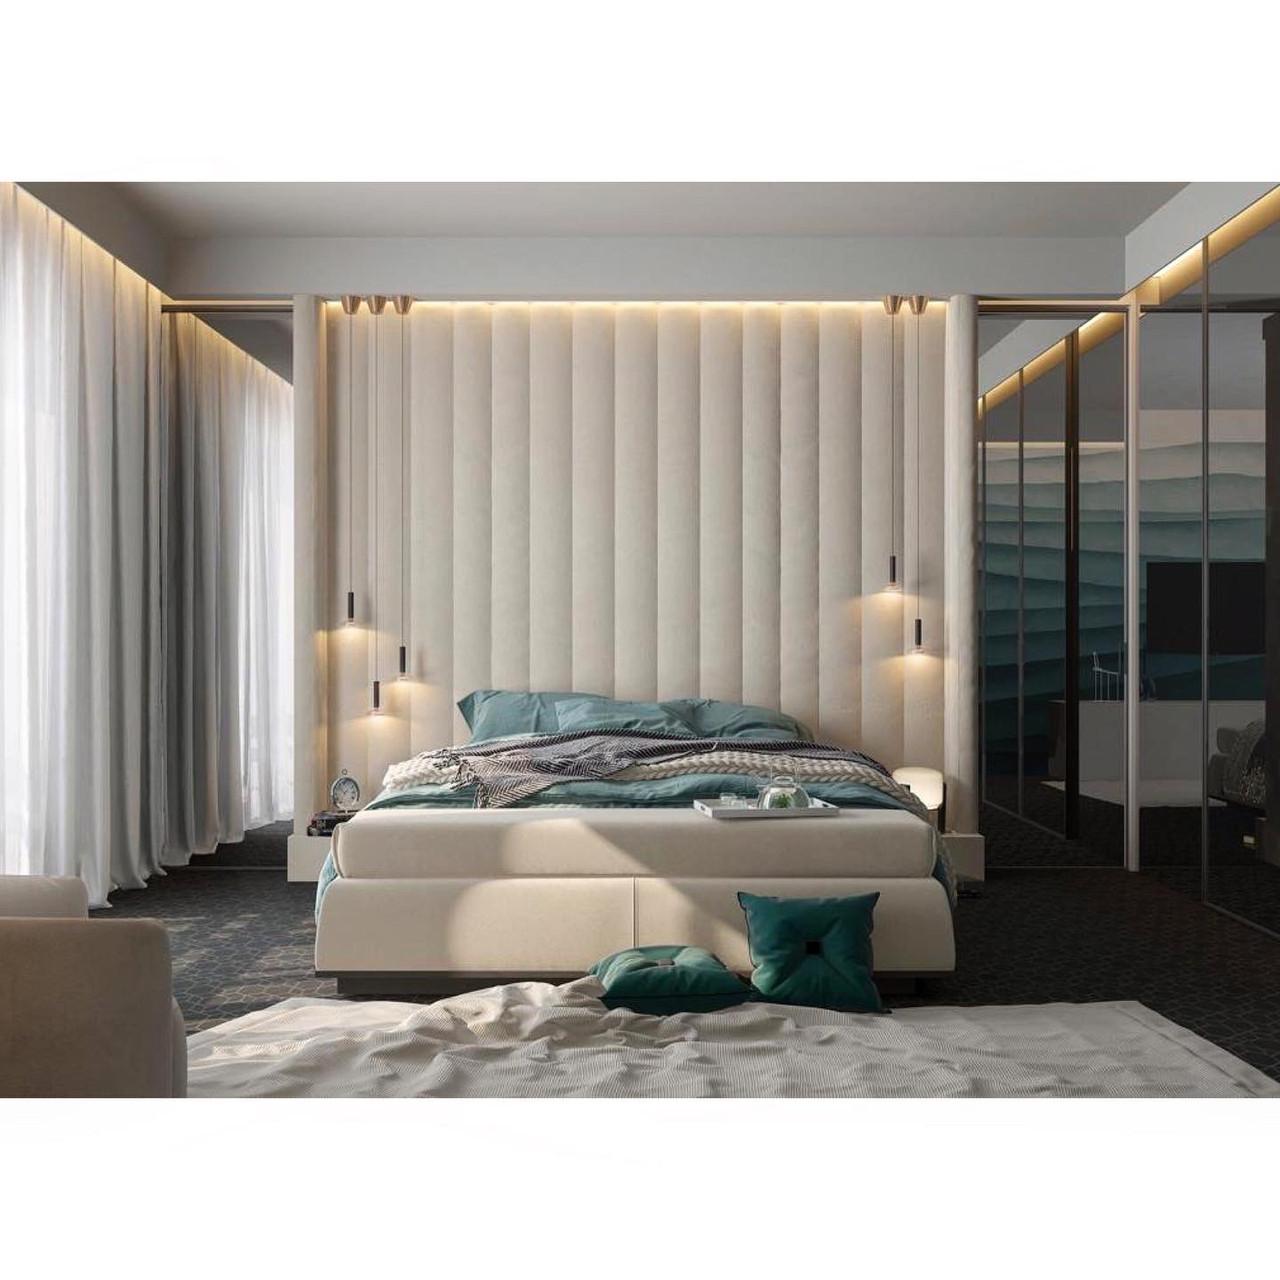 Мягкие декоративные панели в спальню